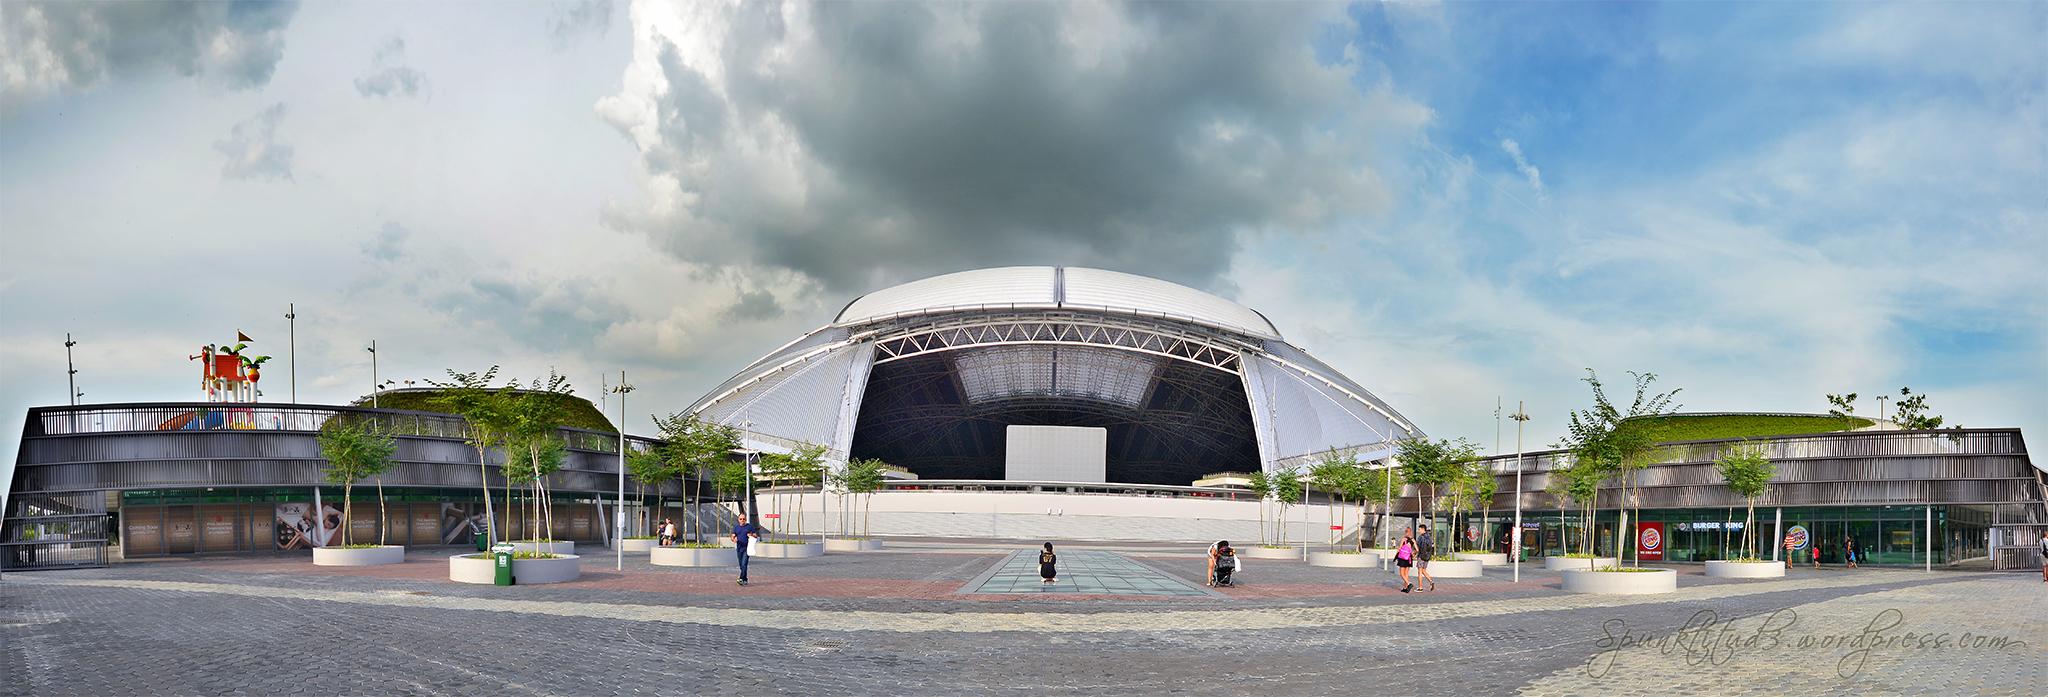 Singapore Sportshub